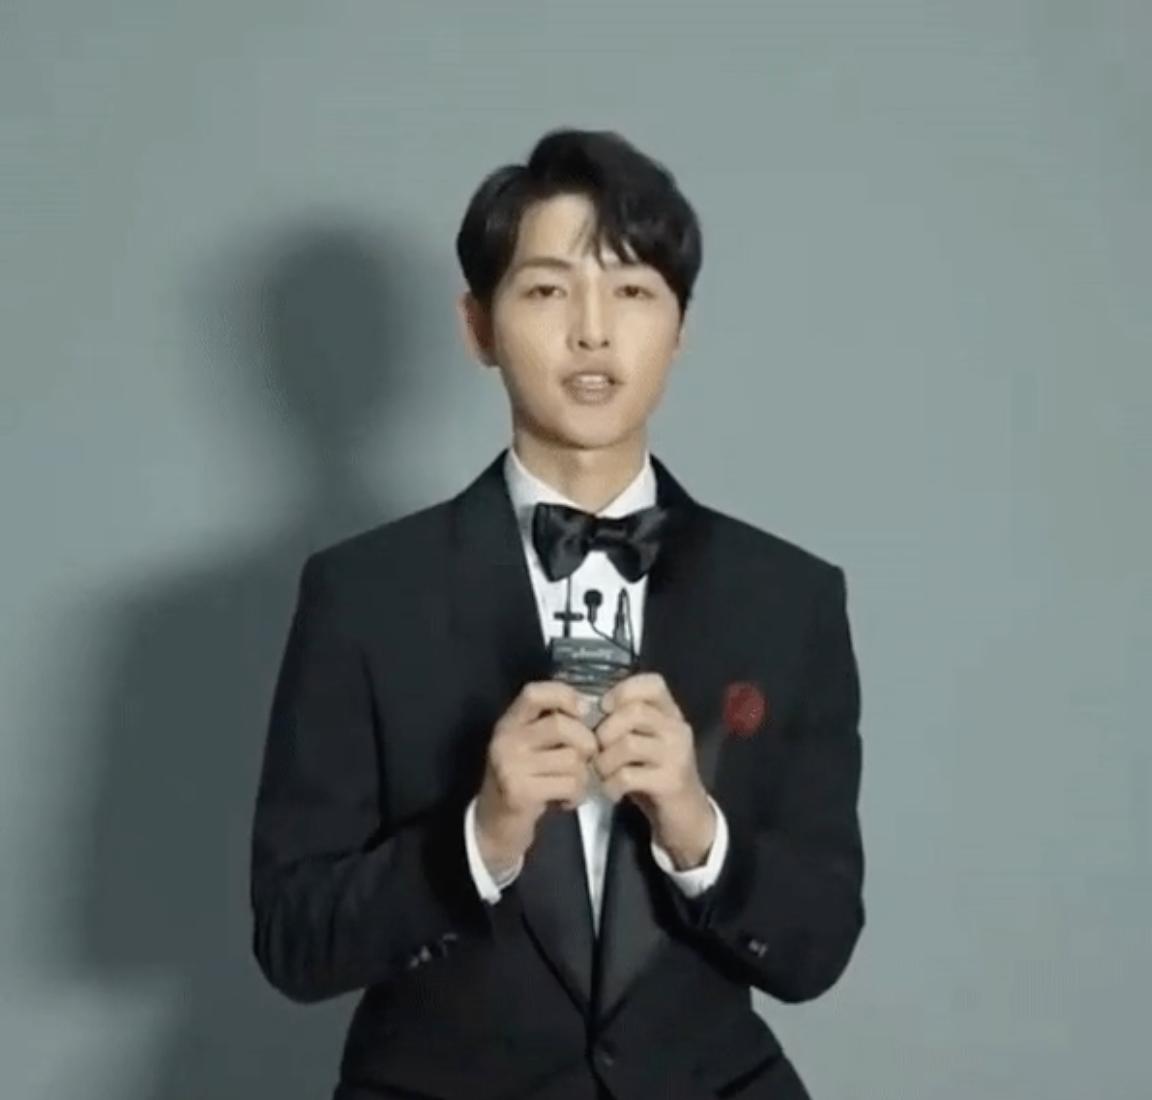 Song Joong Ki và màn tái xuất đầy hoài nghi, sự thật phía sau mới ngỡ ngàng 1